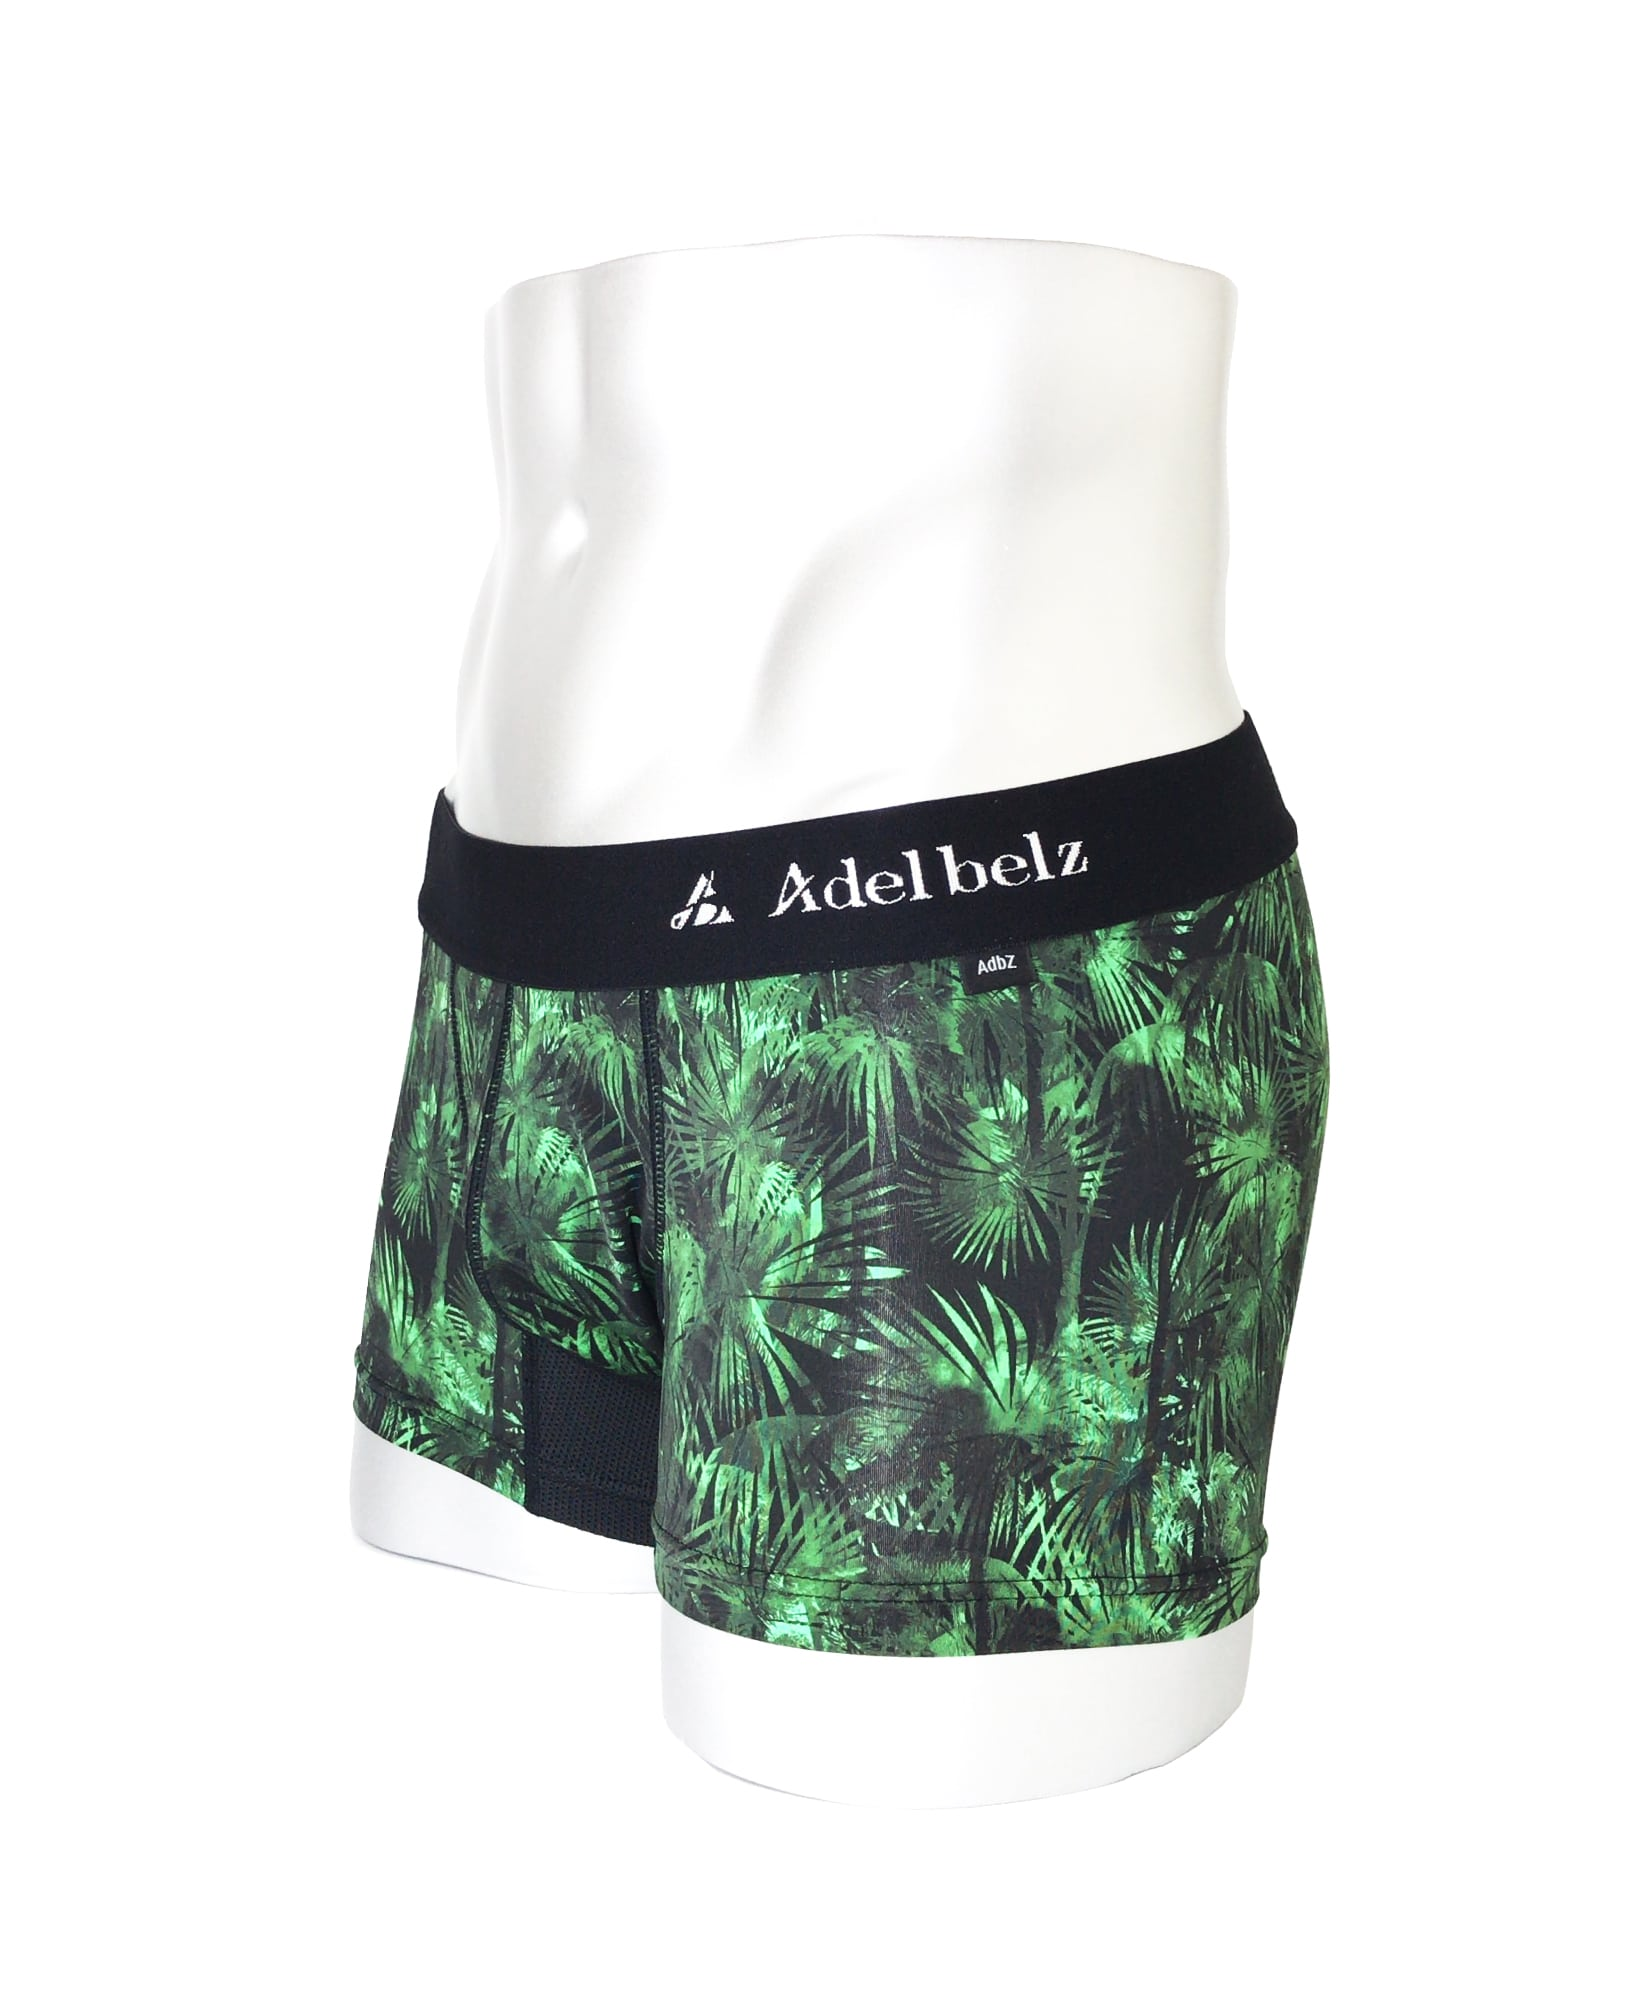 BOXER 男性下着 | 高級 アンダーウェア メンズ ボクサーパンツ SHINE PALM TREE GREEN | ブランドデザイン詳細画像2